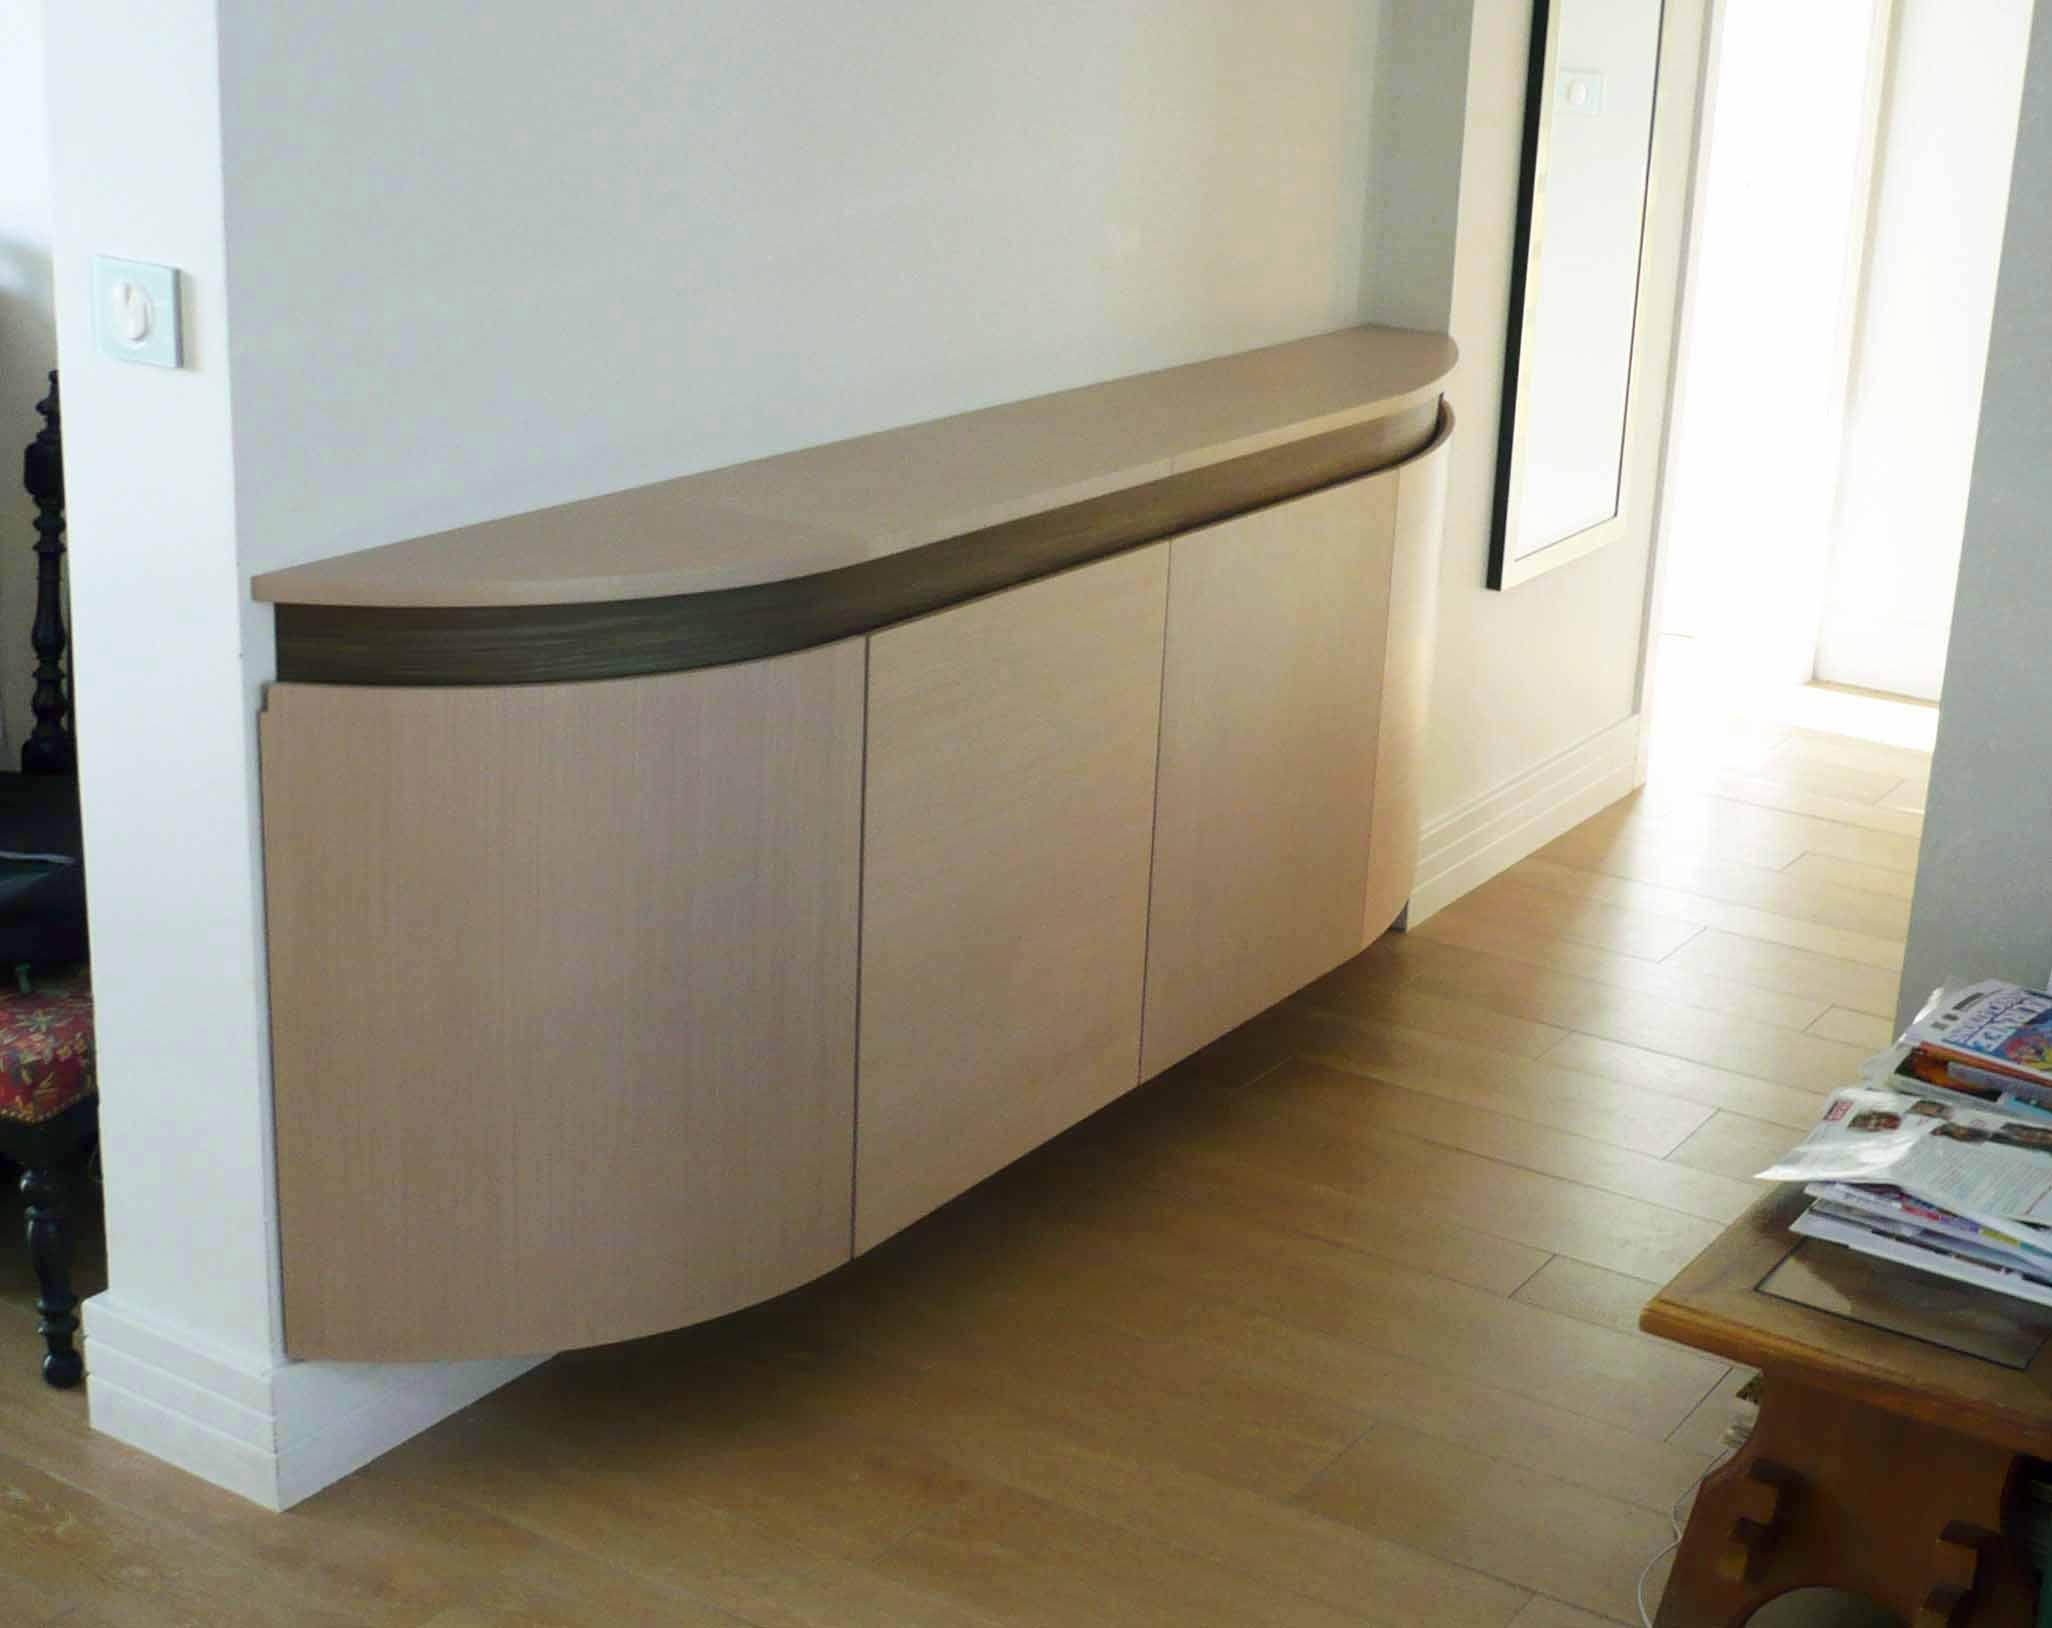 B niste cr ateur fabricant de mobilier contemporain sur mesure atelier helbe - Bahut suspendu design ...